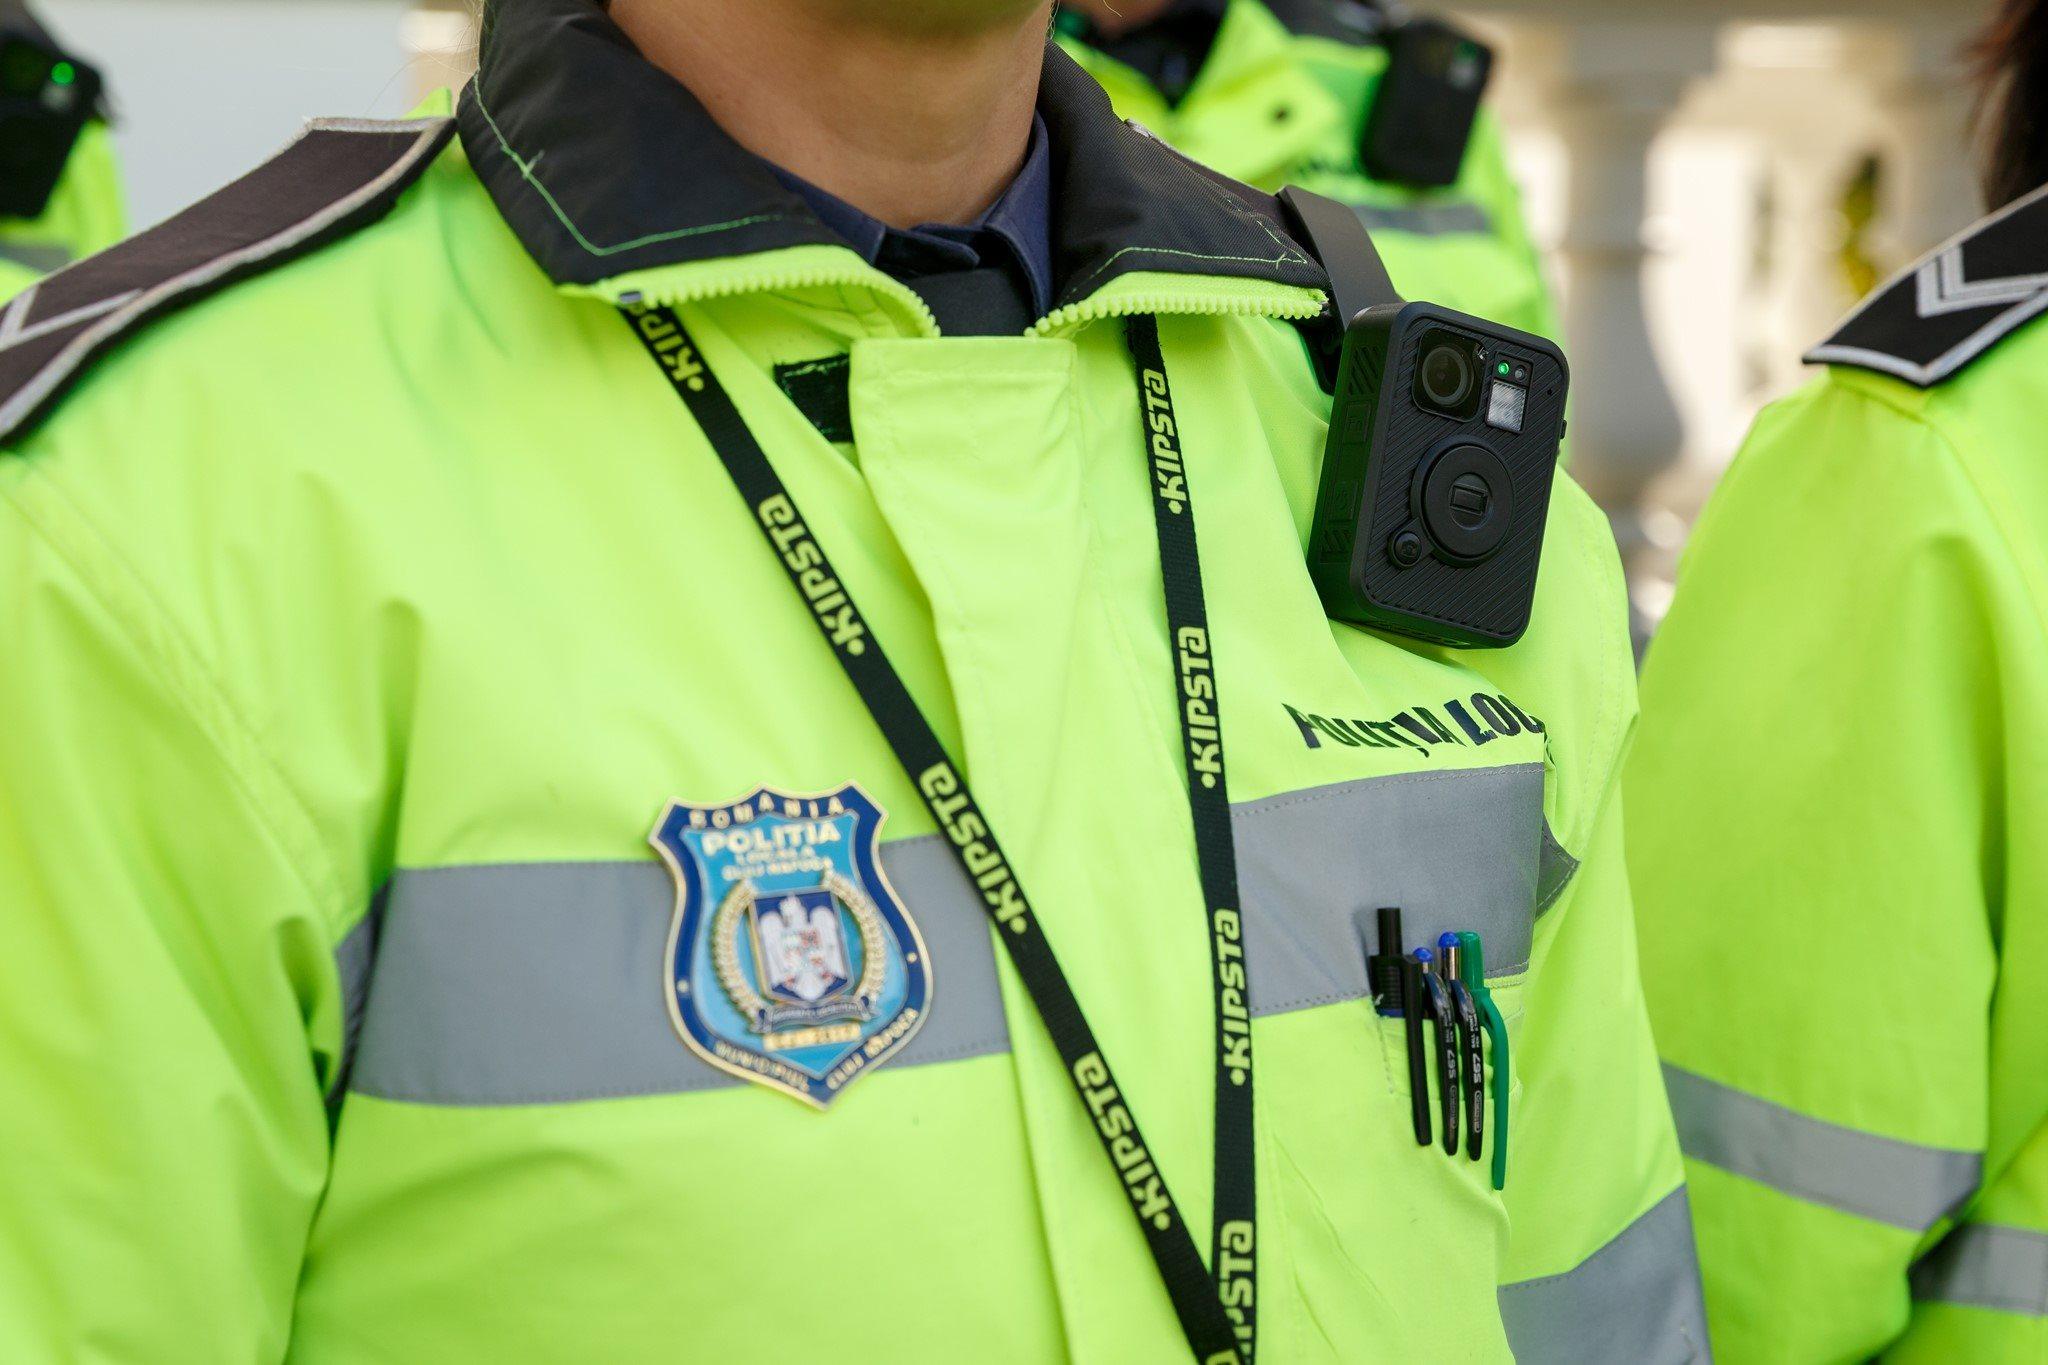 TUPEU. Poliția Locală a primit 20.000 lei de la primărie printr-un ONG pentru organizarea unui eveniment aniversar